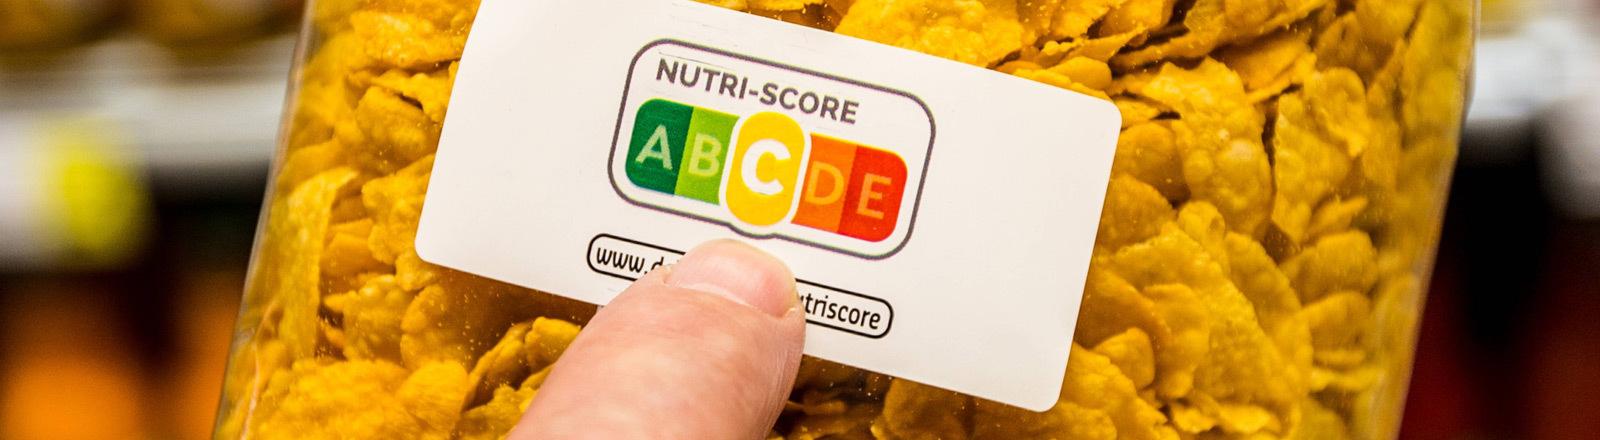 Nährwertampel Nutri Score